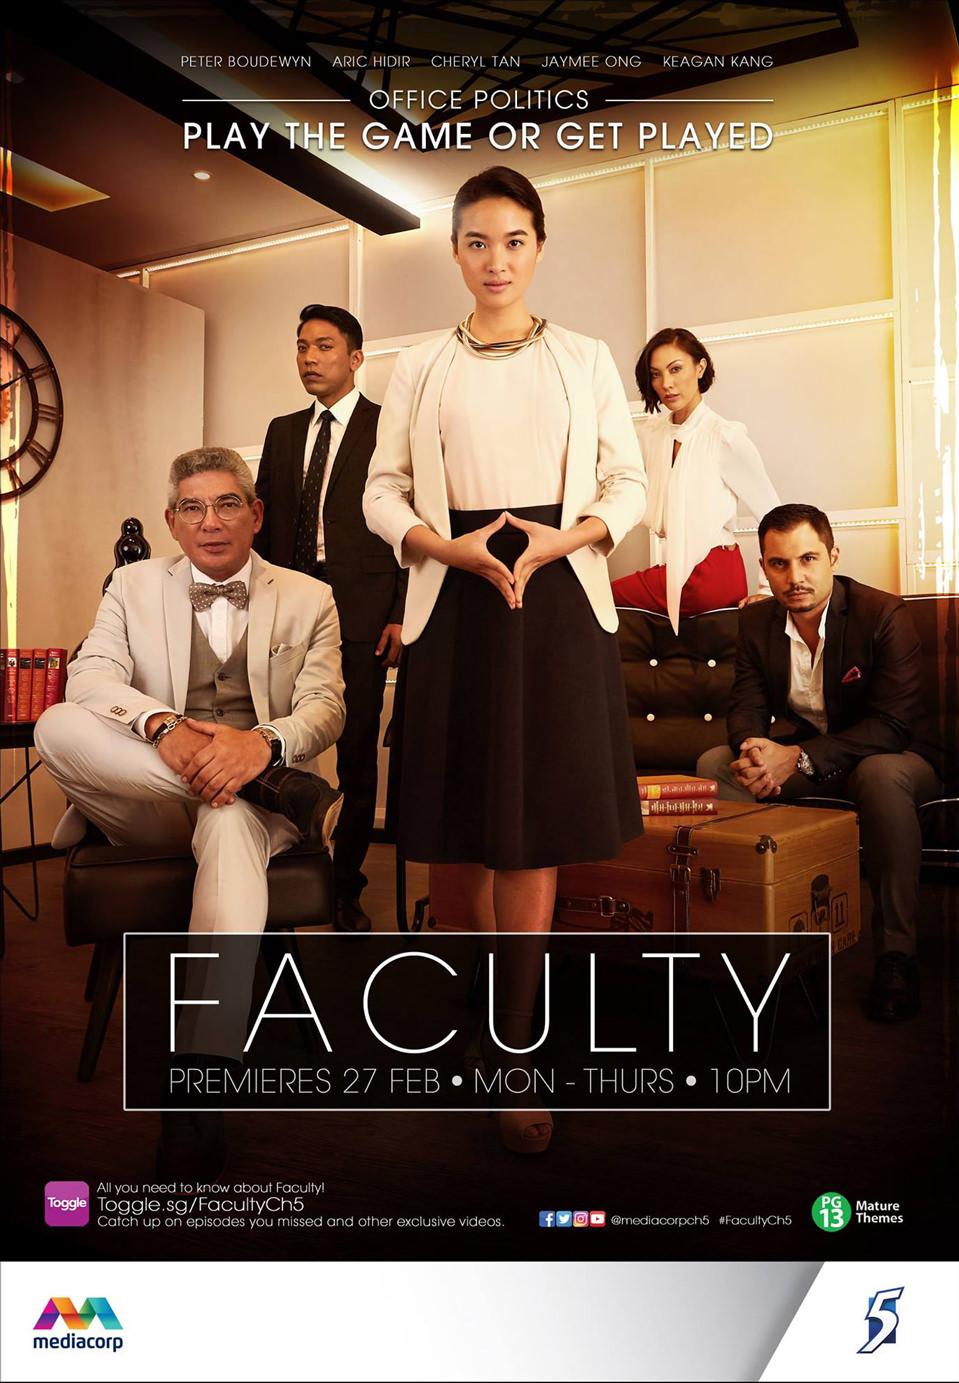 Faculty (2017)